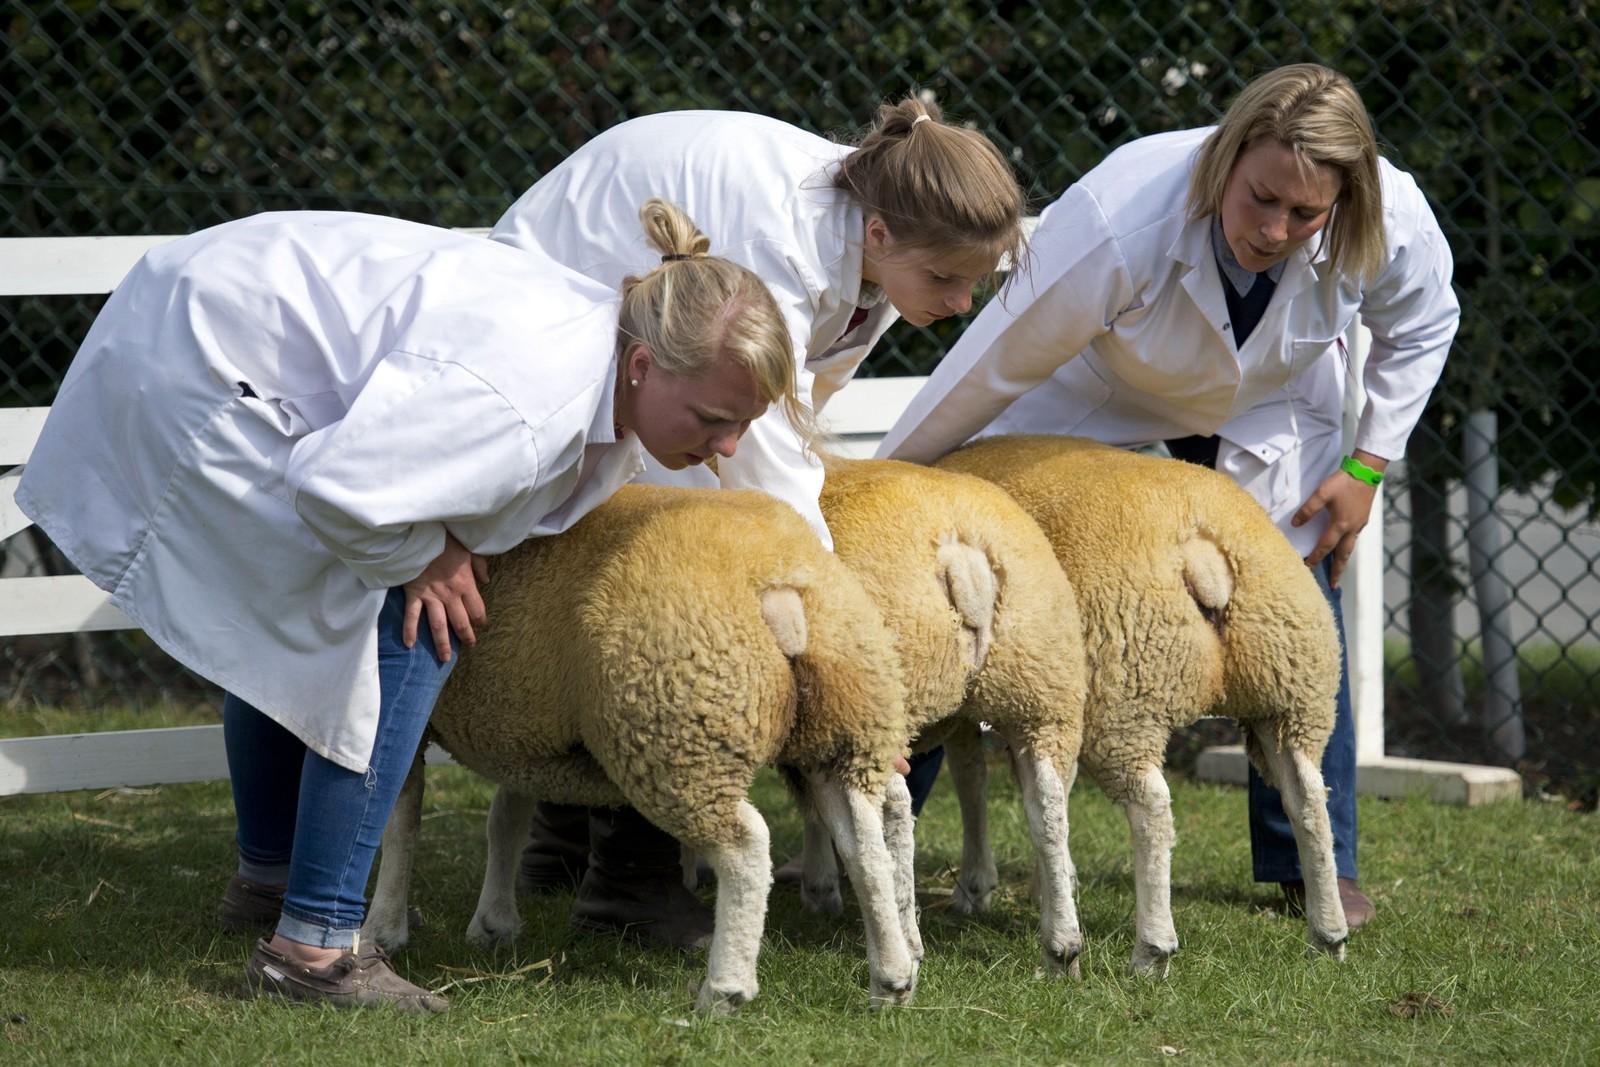 Bønder sjekker sauene på denne utstillinga i Harrogate, England. Den årlige utstillinga ble første gang arrangert i 1838, og 130.000 besøkende er venta i år.